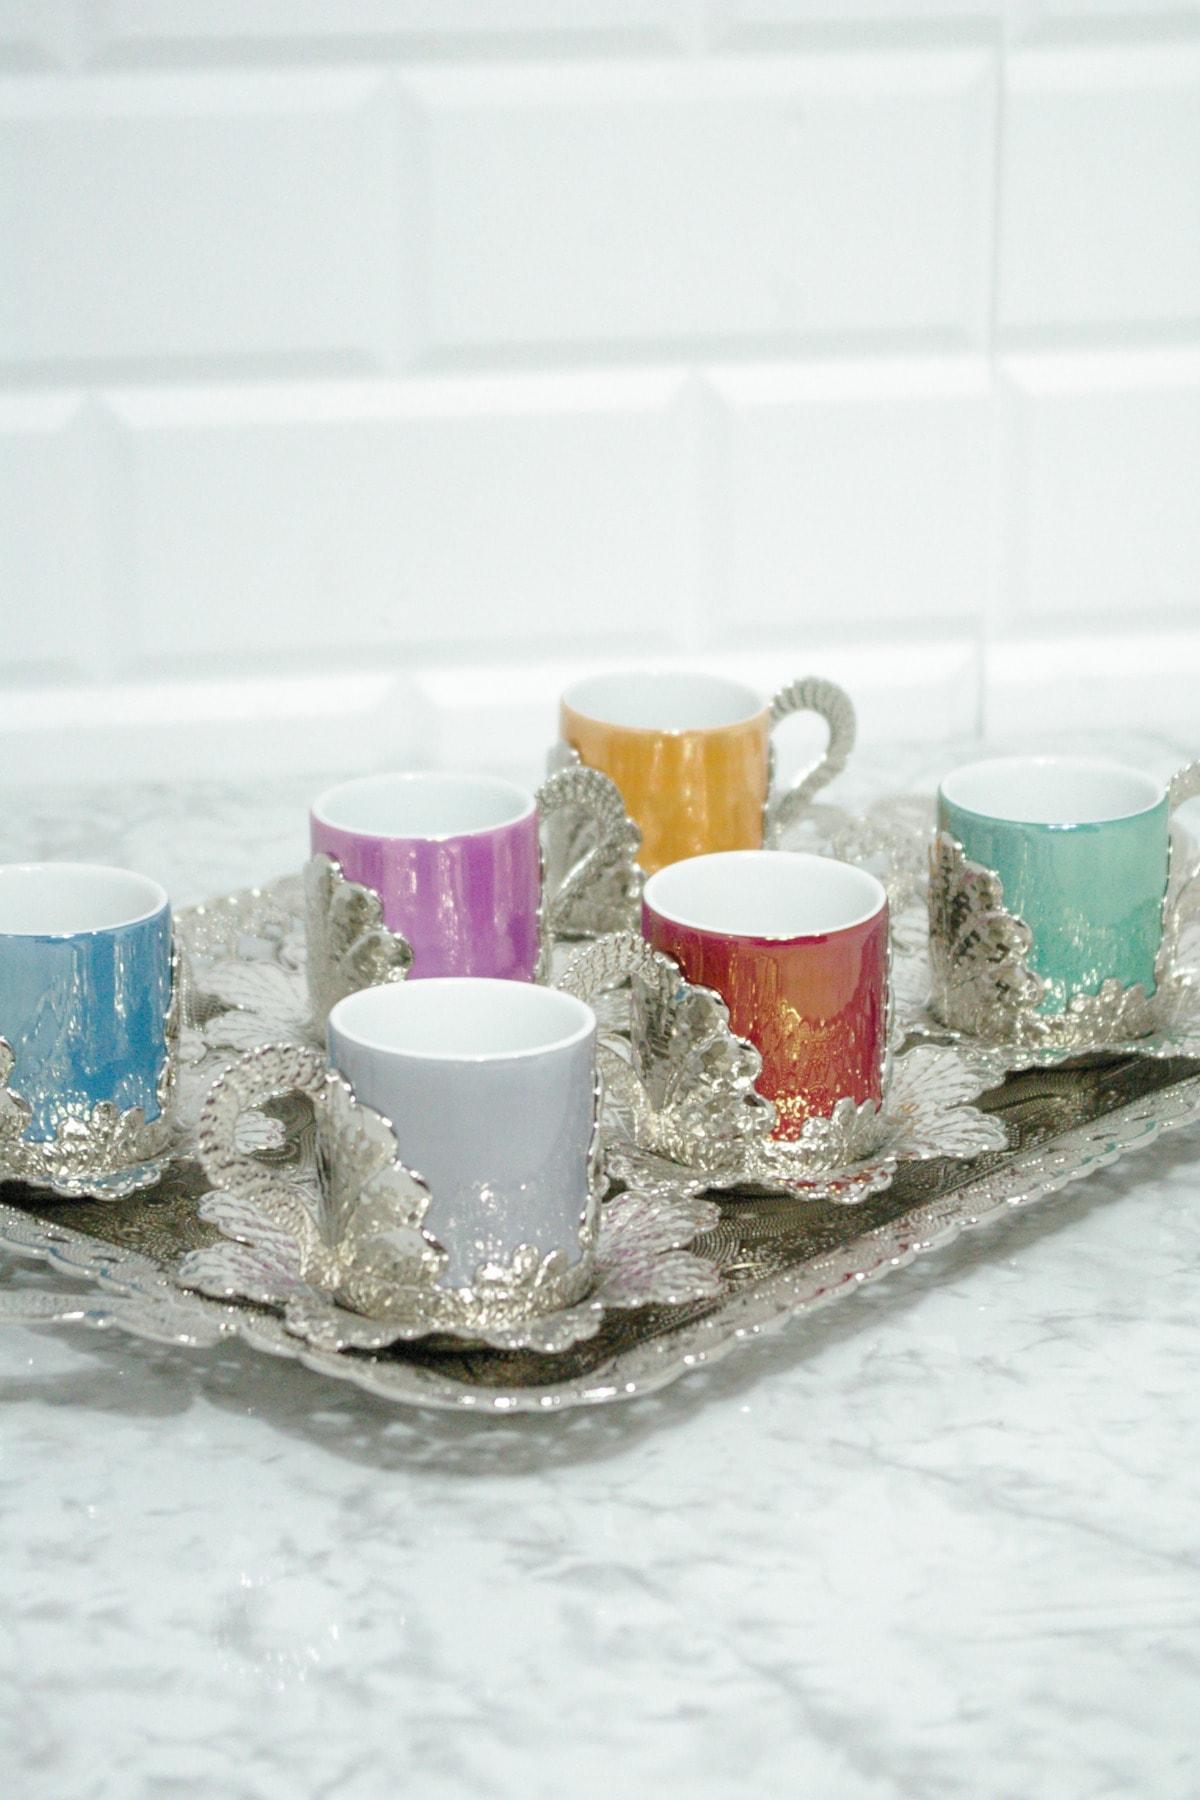 MAY HOME El Işlemesi Bakır 6 Kişilik Fincan Seti Porselen Hazneli 1